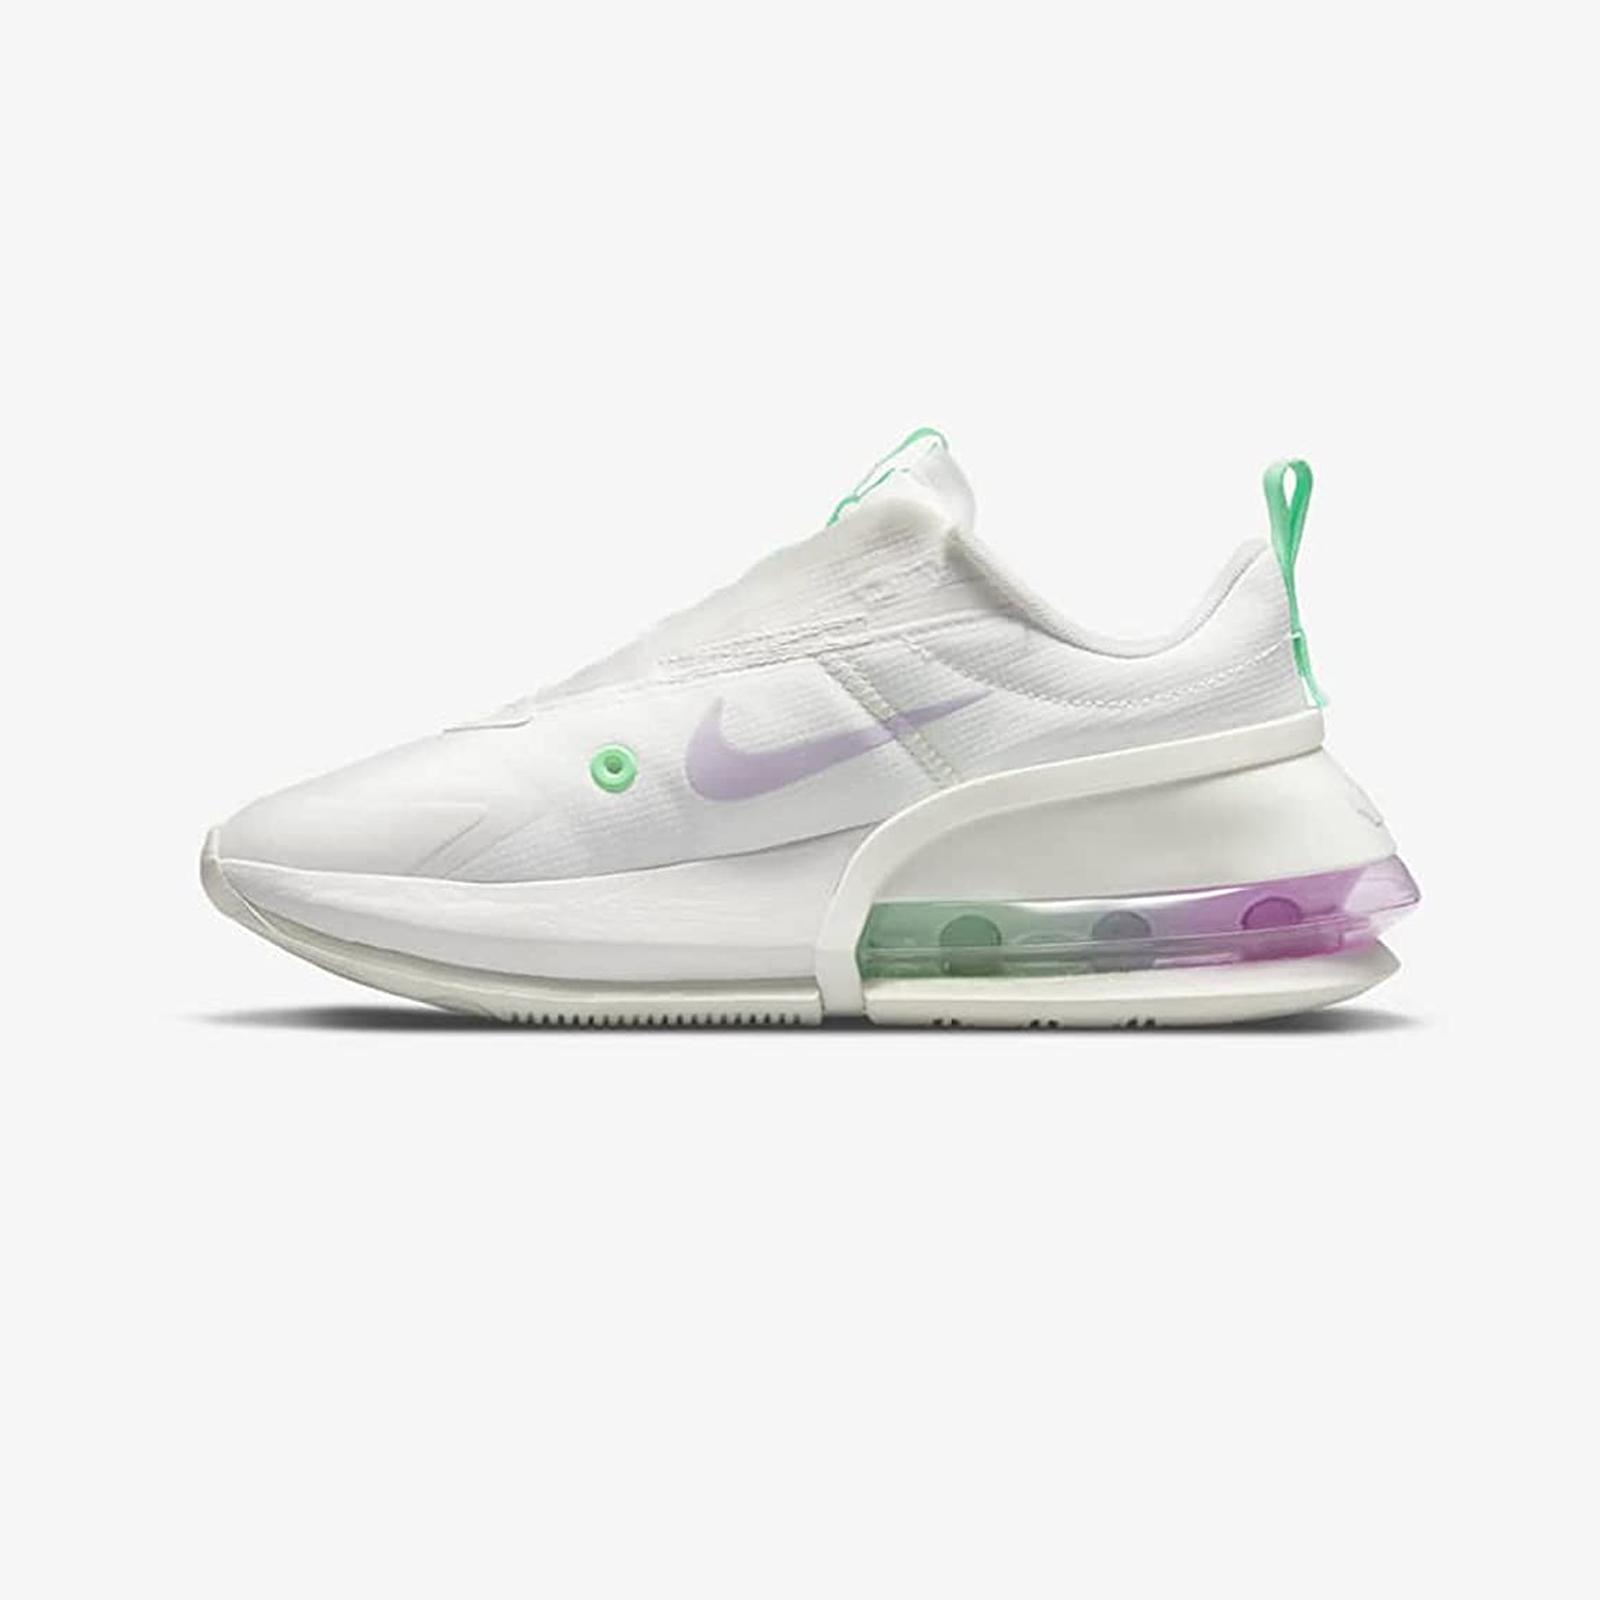 Estado:DISPONIBLE EN STOCKModelo:Nike Air Max UpColor: WhiteCondicion:NuevoEnvios:A todo el PerúProducto:100% Original(Autentificado)  ACEPTAMOS TODAS LAS TARJETAS:    ENVIO:2 a 3 días hábiles SEGURO:Compras seguras en estesitio webCONSULTAS:Whatsapp: 944182402